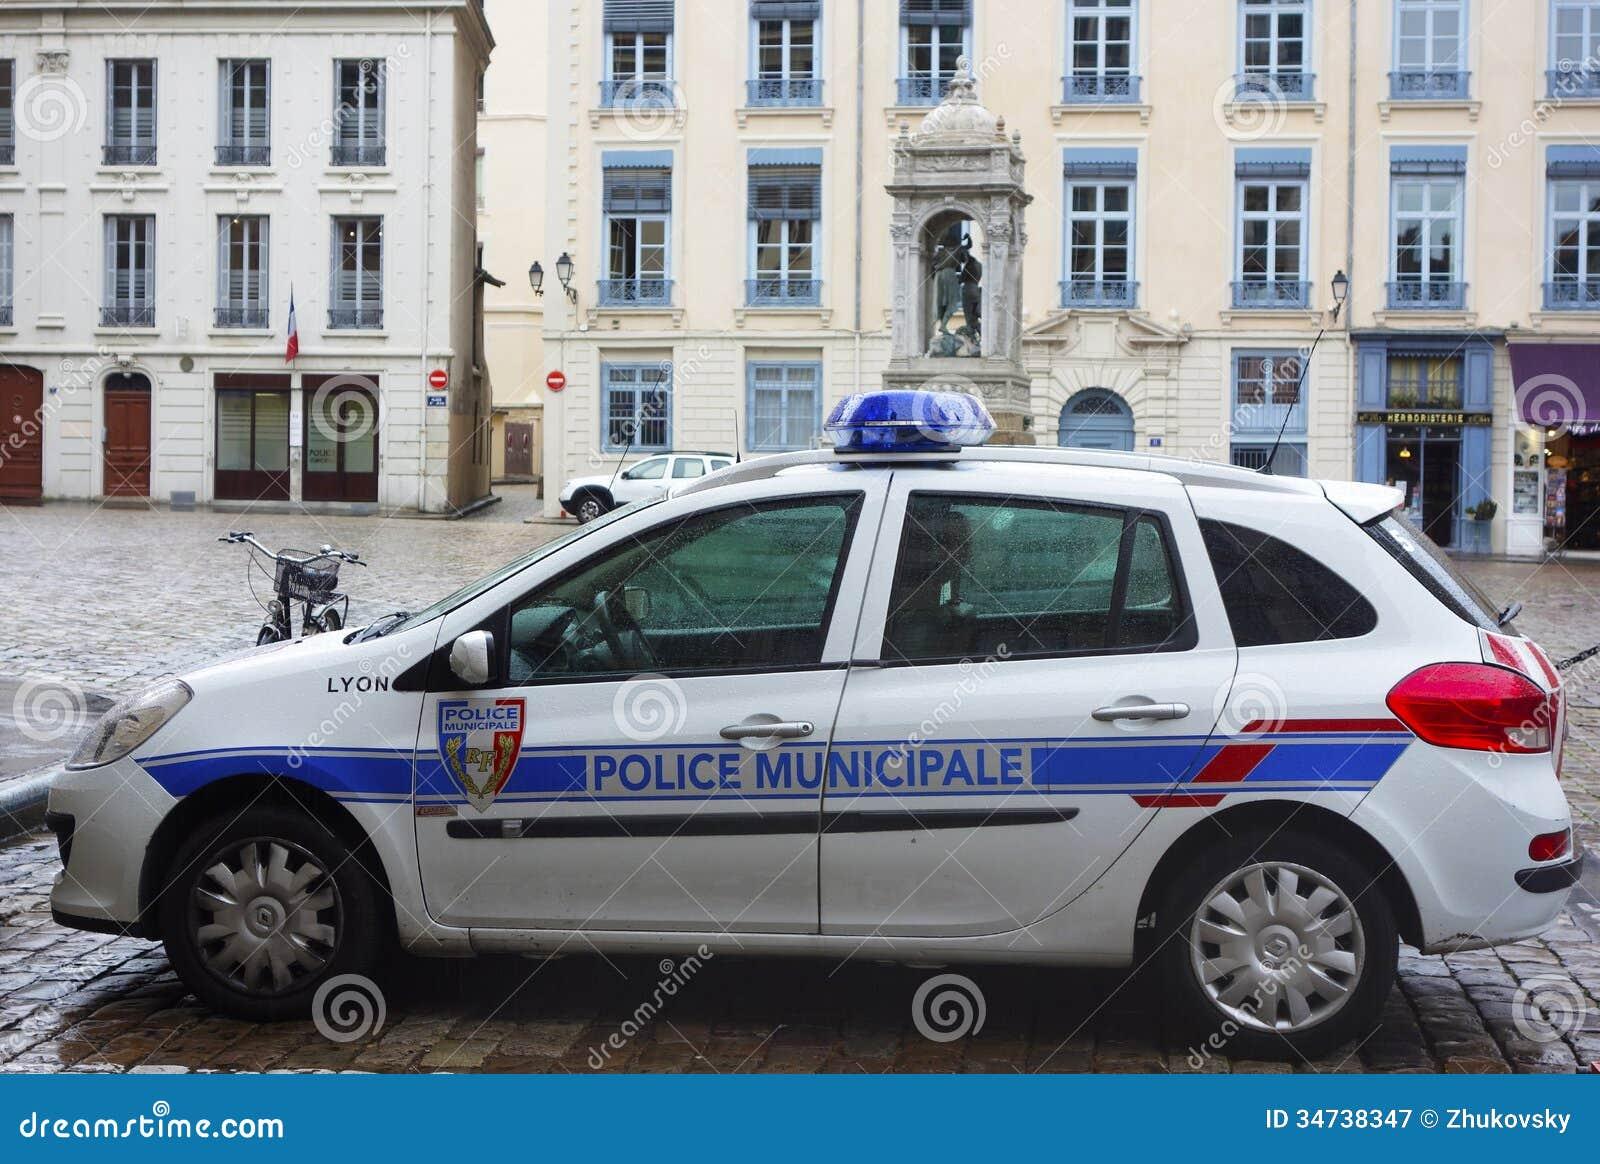 france police car cartoon vector 92064451